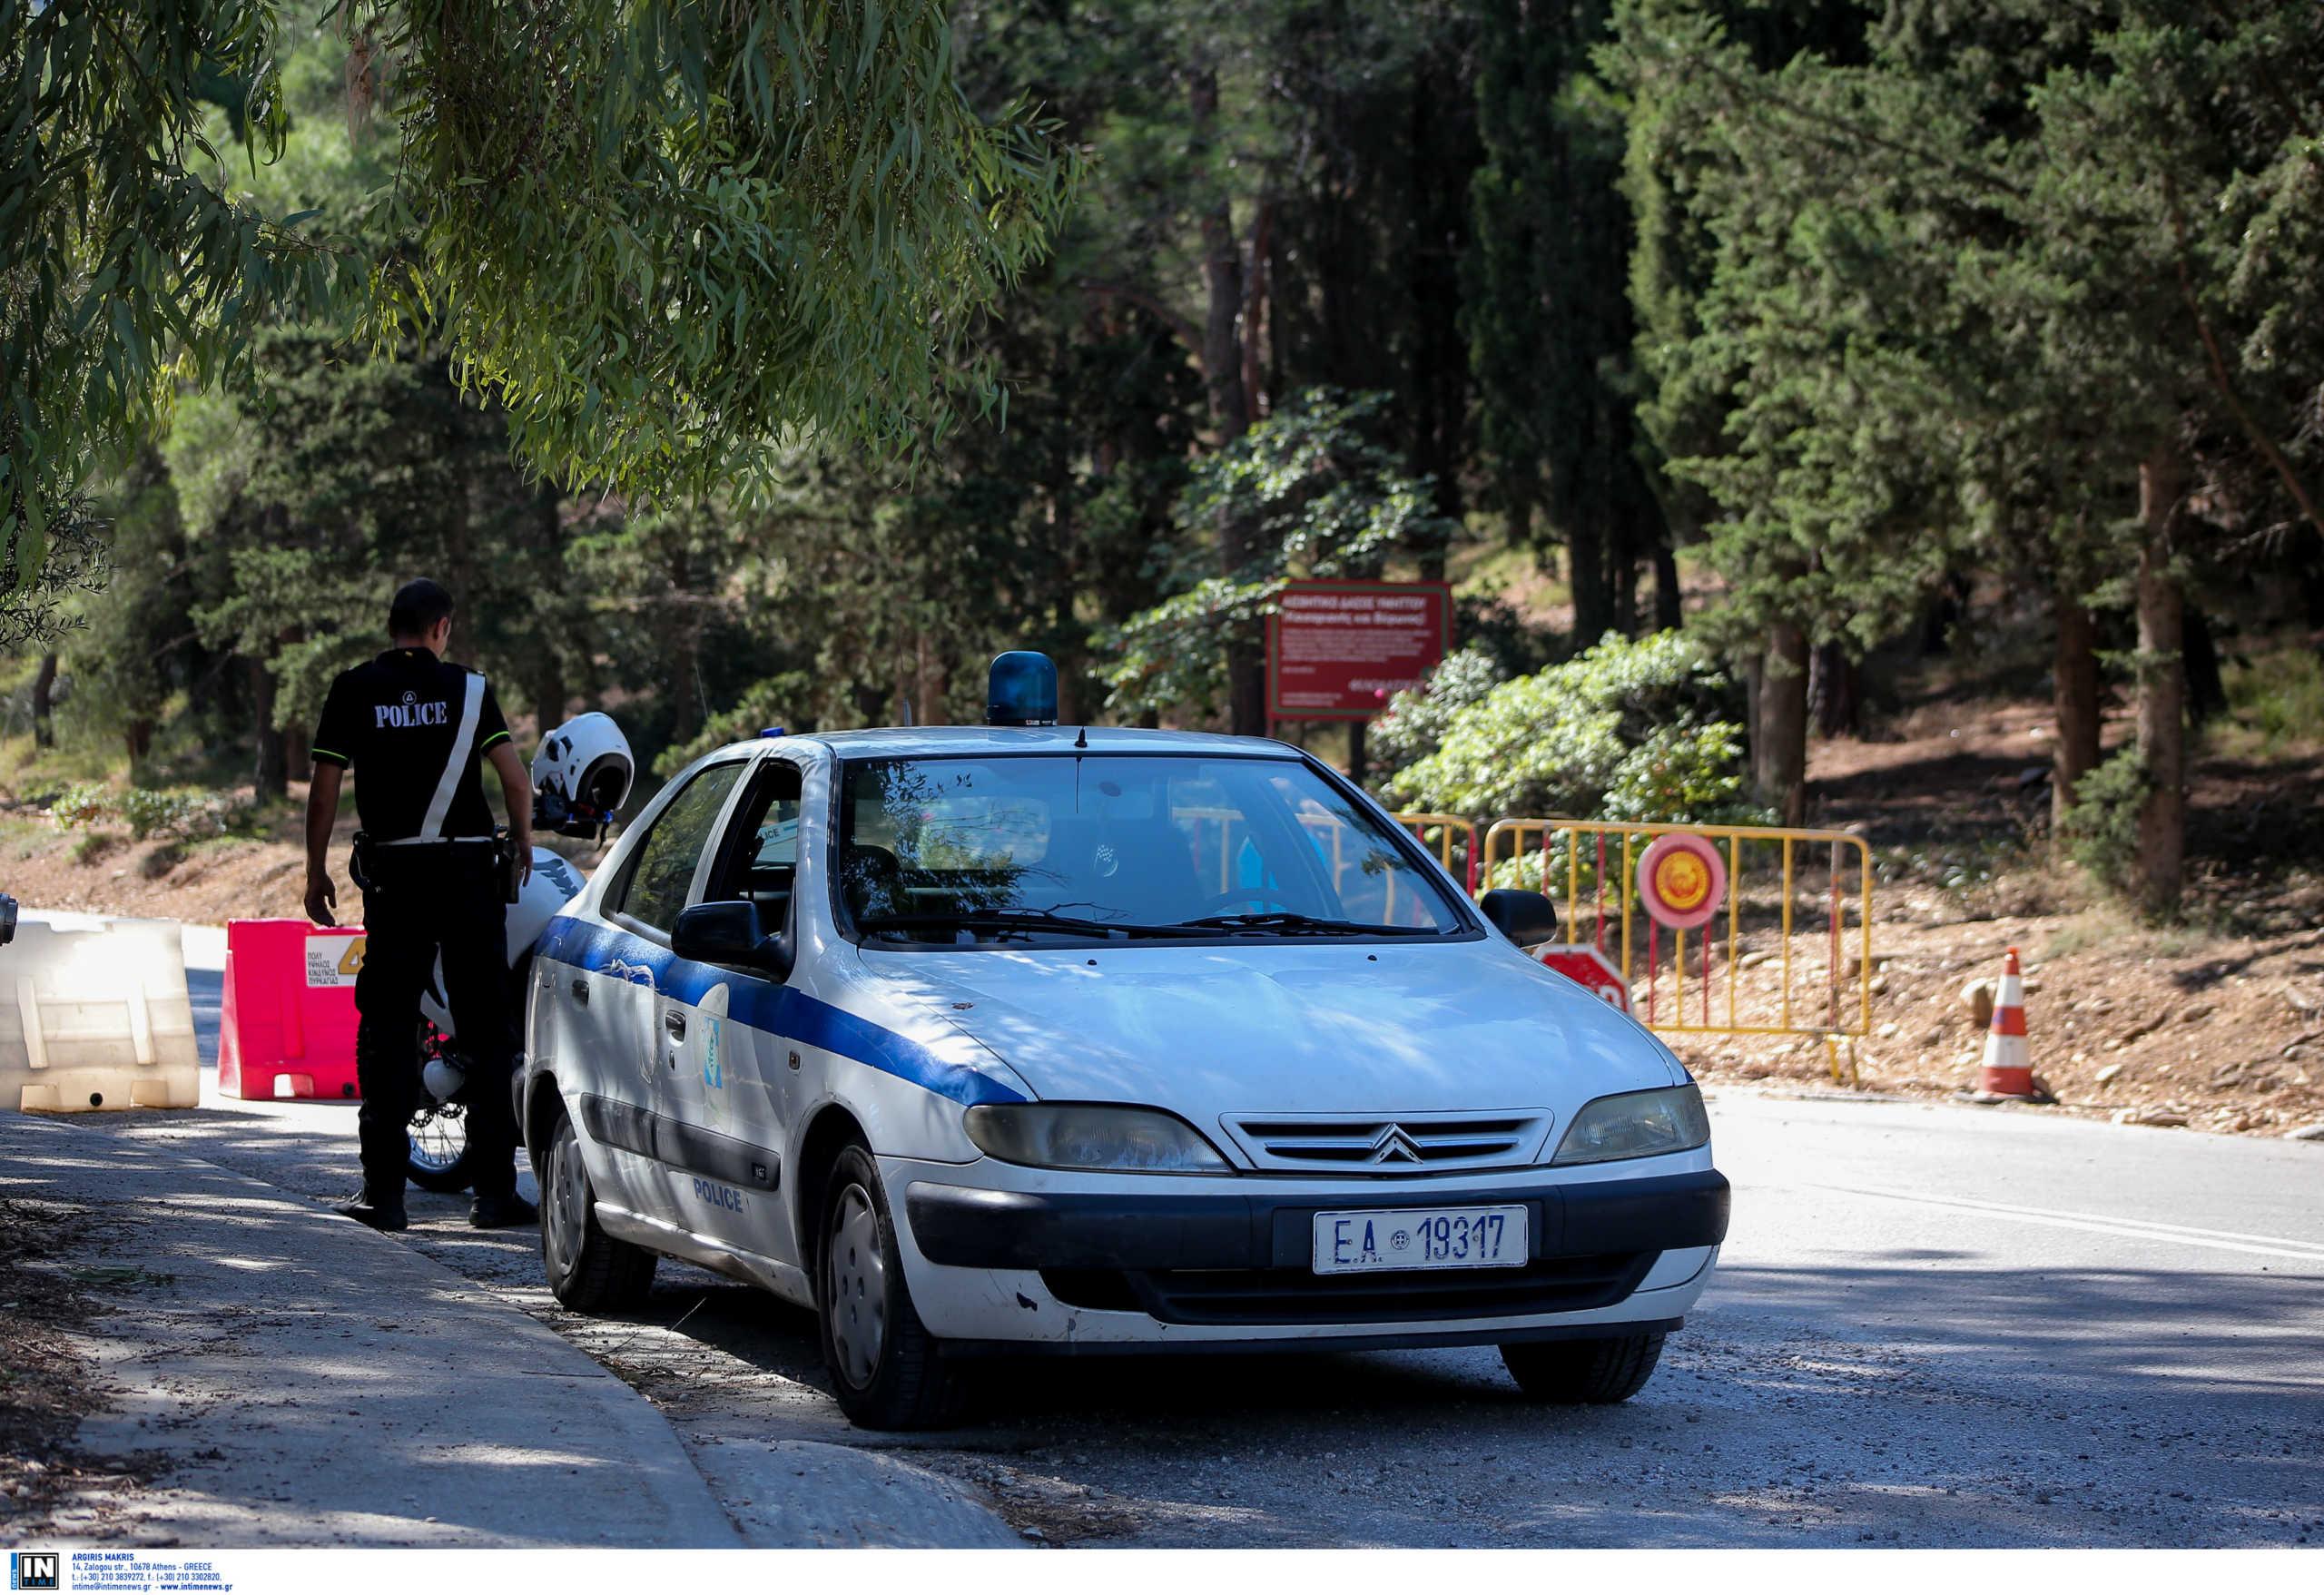 Σέρρες: Συναγερμός για εξαφάνιση ανήλικου παιδιού μέσα από το αυτοκίνητο του πατέρα του!